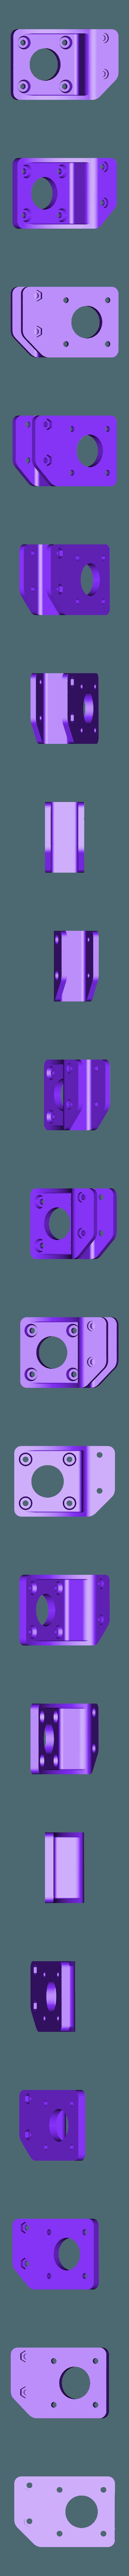 Motor_Mount_v3-0_Y-Mount.STL Télécharger fichier STL gratuit Montage moteur décalé (RigidBot) • Plan pour impression 3D, WalterHsiao